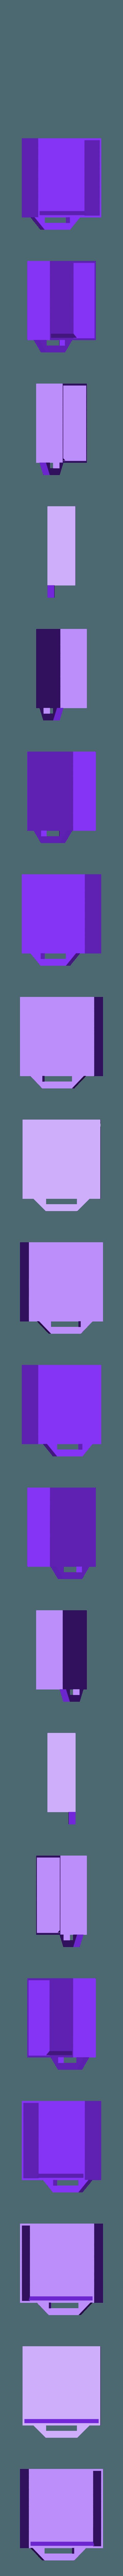 drawer_10x4.stl Télécharger fichier STL gratuit Support de système de stockage multi-box • Modèle pour imprimante 3D, vmi